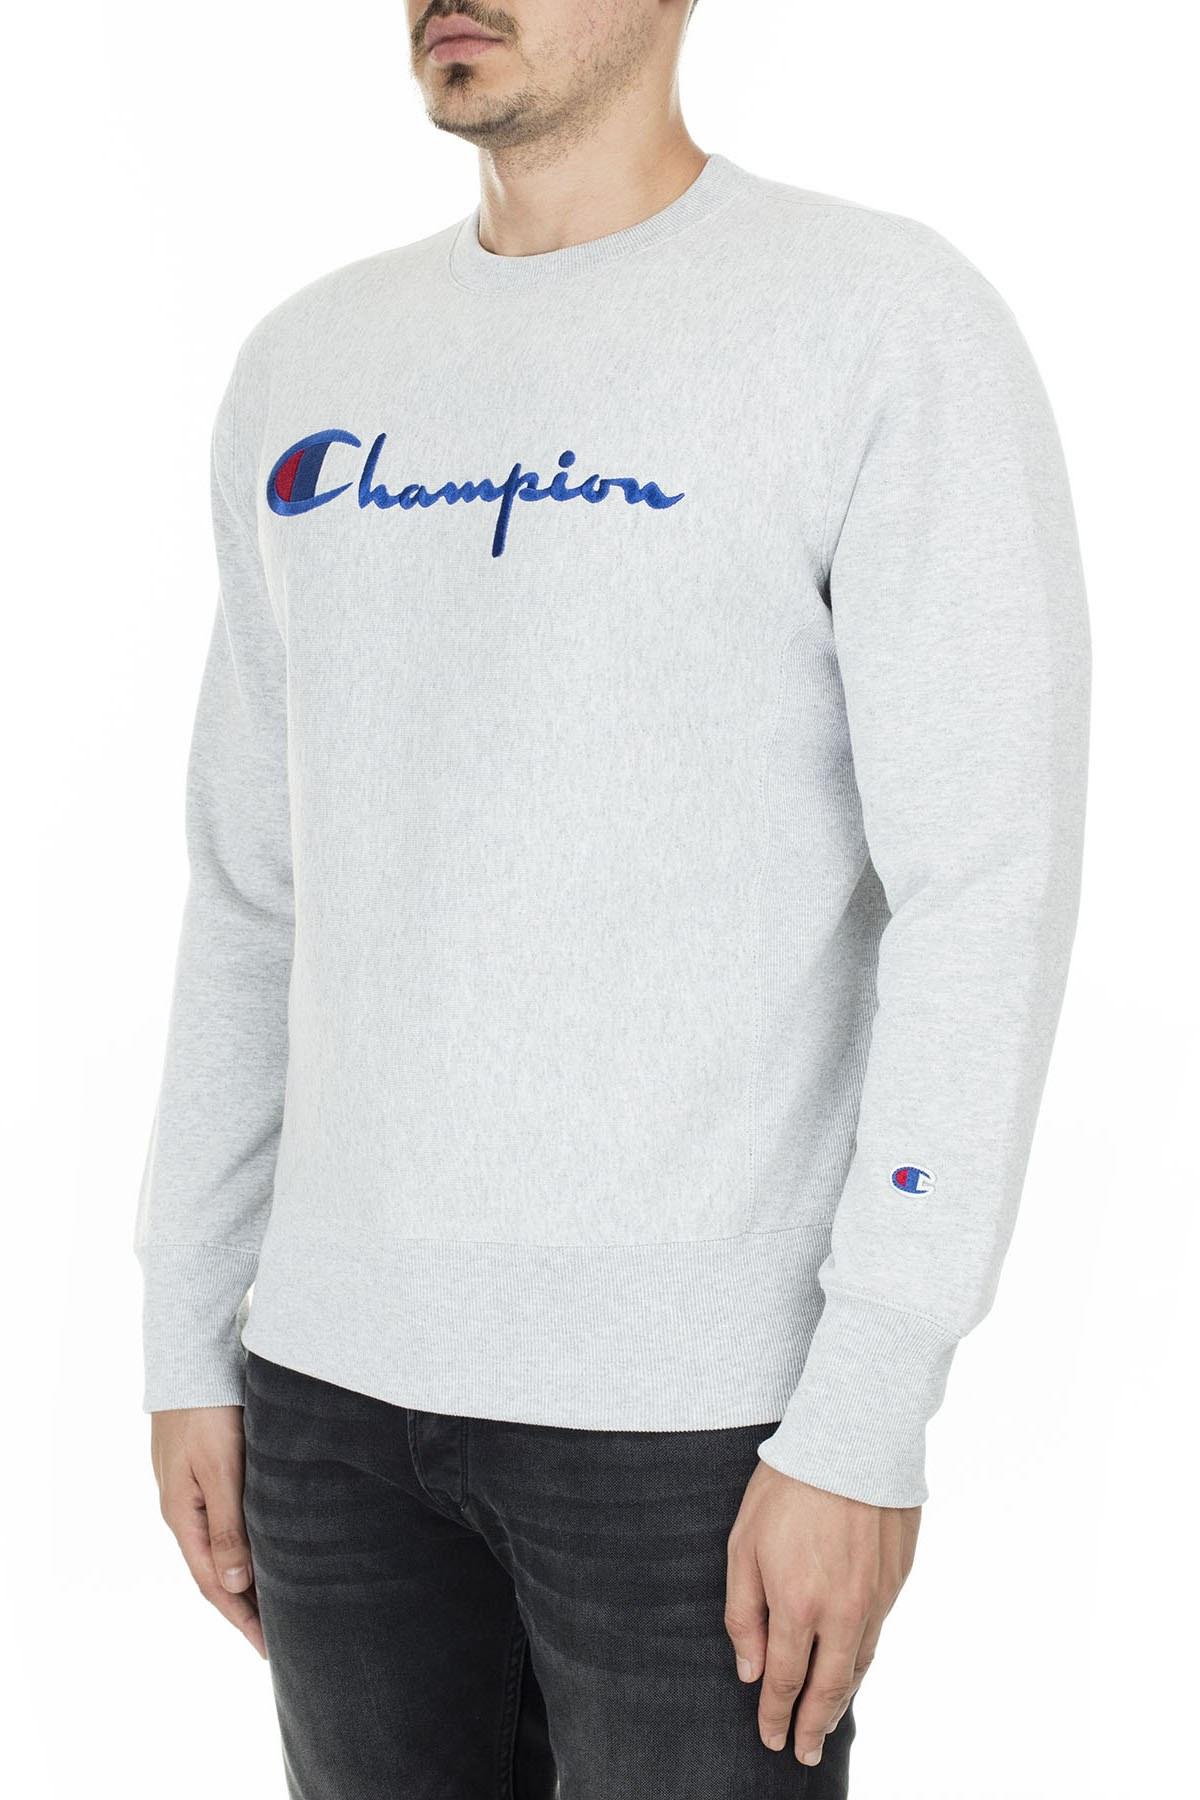 Champion İşlemeli Yazı Logolu Bisiklet Yaka Erkek Sweat 212576 EM004 LOXGM AÇIK GRİ